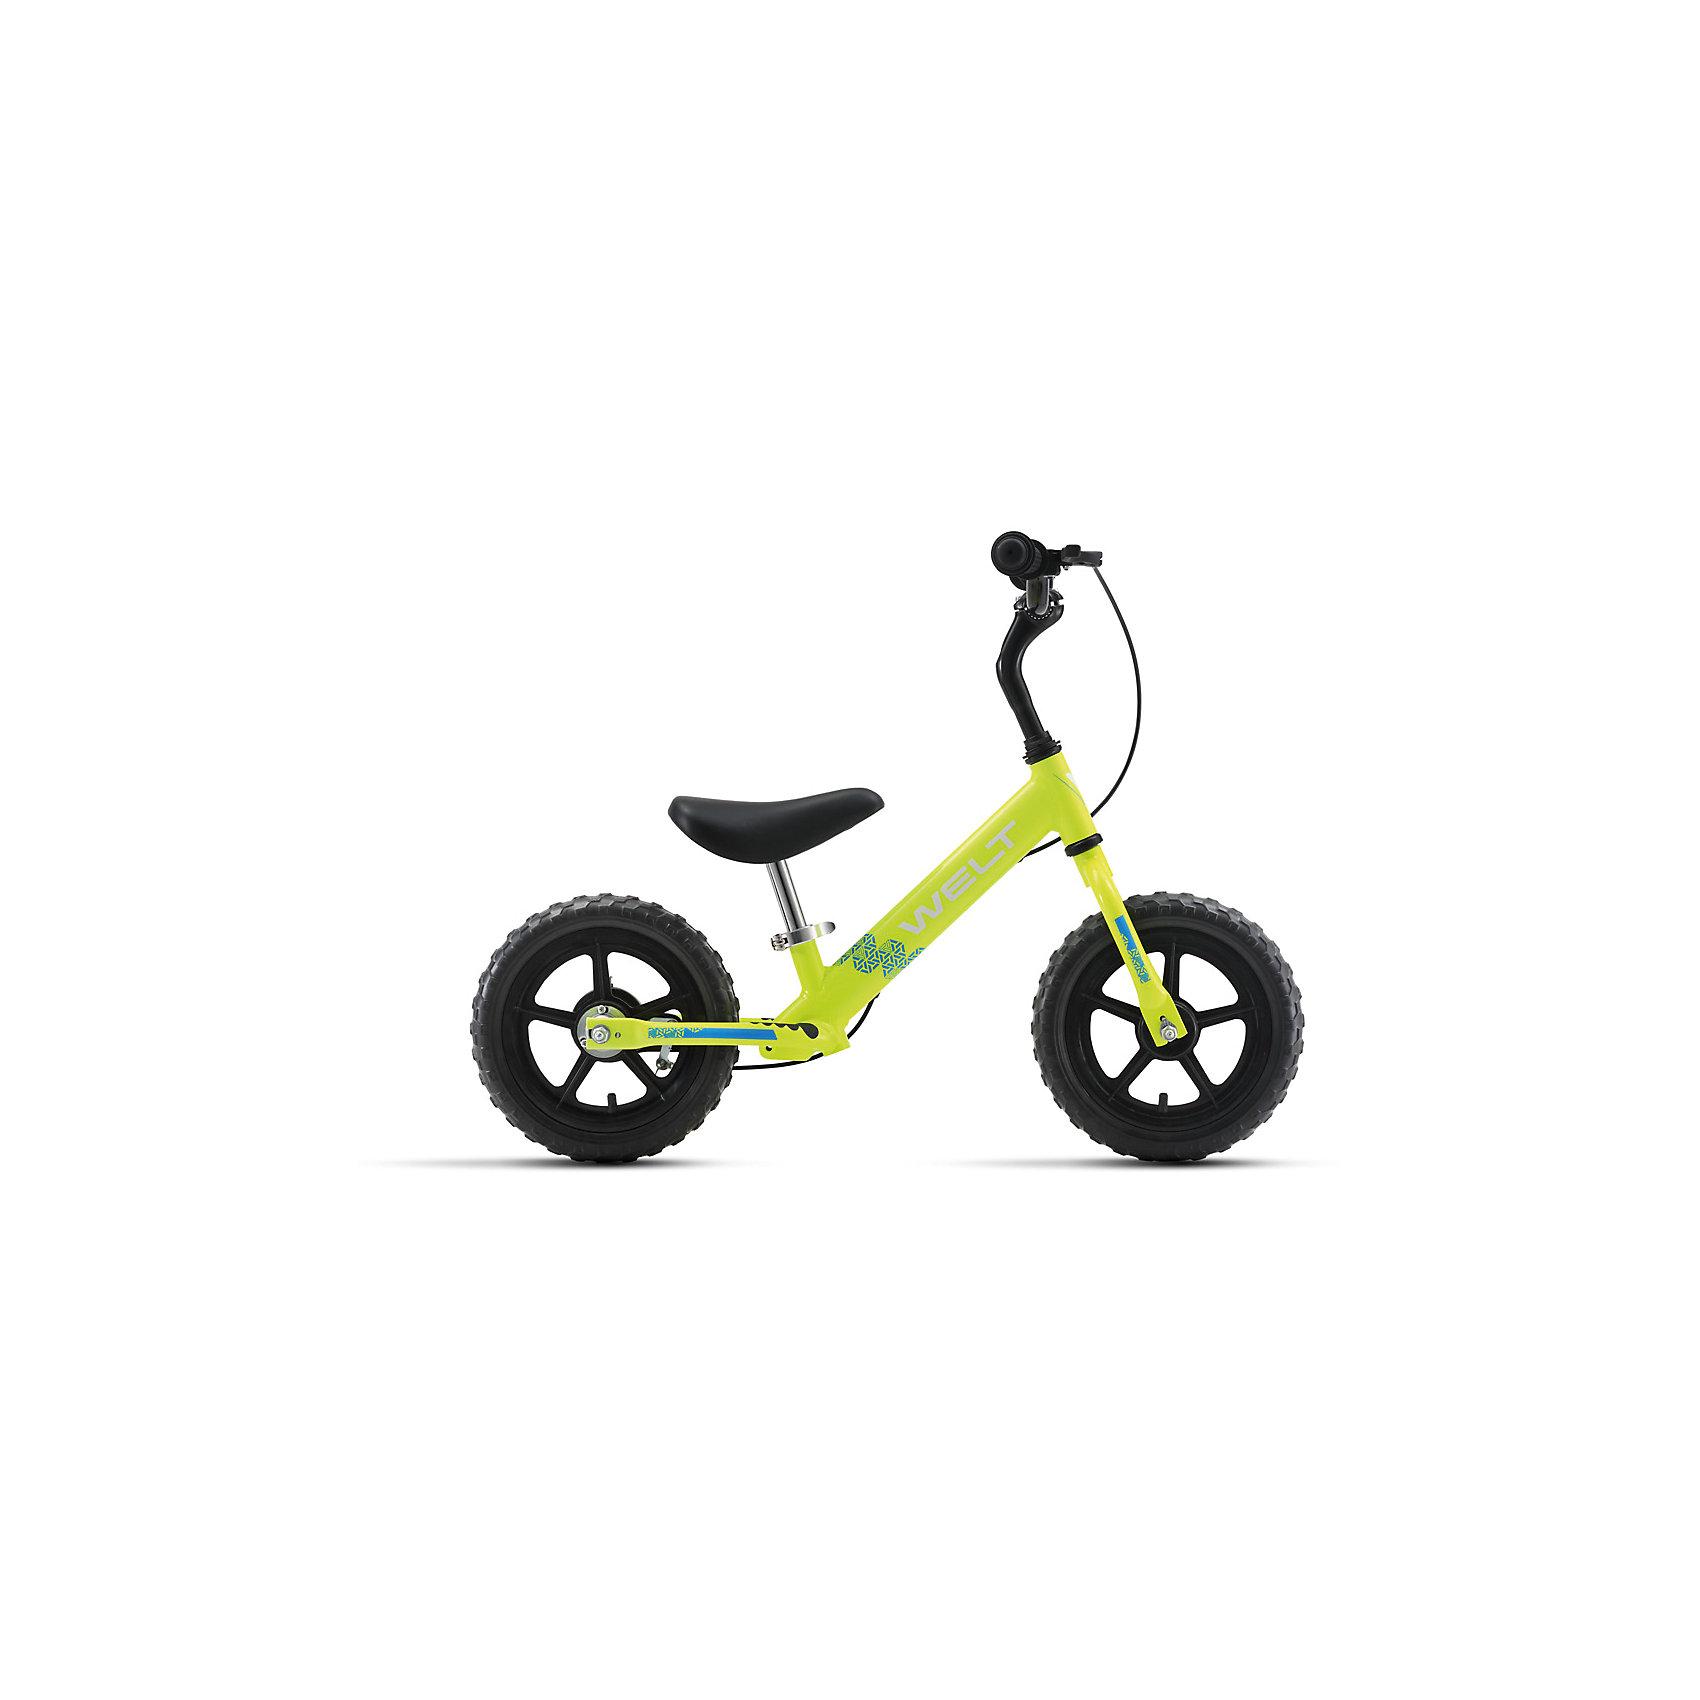 Беговел  Zebra 12, салатово-голубой, WeltВелосипеды детские<br>Характеристики товара:<br><br>• цвет: салатовый, голубой <br>• возраст: от 3 лет<br>• рама: Alloy 6061 (алюминий)<br>• диаметр колес: 12<br>• тип вилки: жесткая (Rigid)<br>• тип тормозов: ручной (roller)<br>• тип рулевой колонки:  резьбовая<br>• покрышки: PVC <br><br>Беговел для самых маленьких. Колеса 12 дюймов, промышленные подшипники втулок, алюминиевая рама и компоненты, ручной тормоз, очень низкий вес - всего 3,6 кг в сборе. То, что надо для прогулки. <br><br>Беговел Зебра 12 можно купить в нашем интернет-магазине.<br><br>Ширина мм: 1450<br>Глубина мм: 200<br>Высота мм: 800<br>Вес г: 16500<br>Возраст от месяцев: 24<br>Возраст до месяцев: 48<br>Пол: Унисекс<br>Возраст: Детский<br>SKU: 5569414